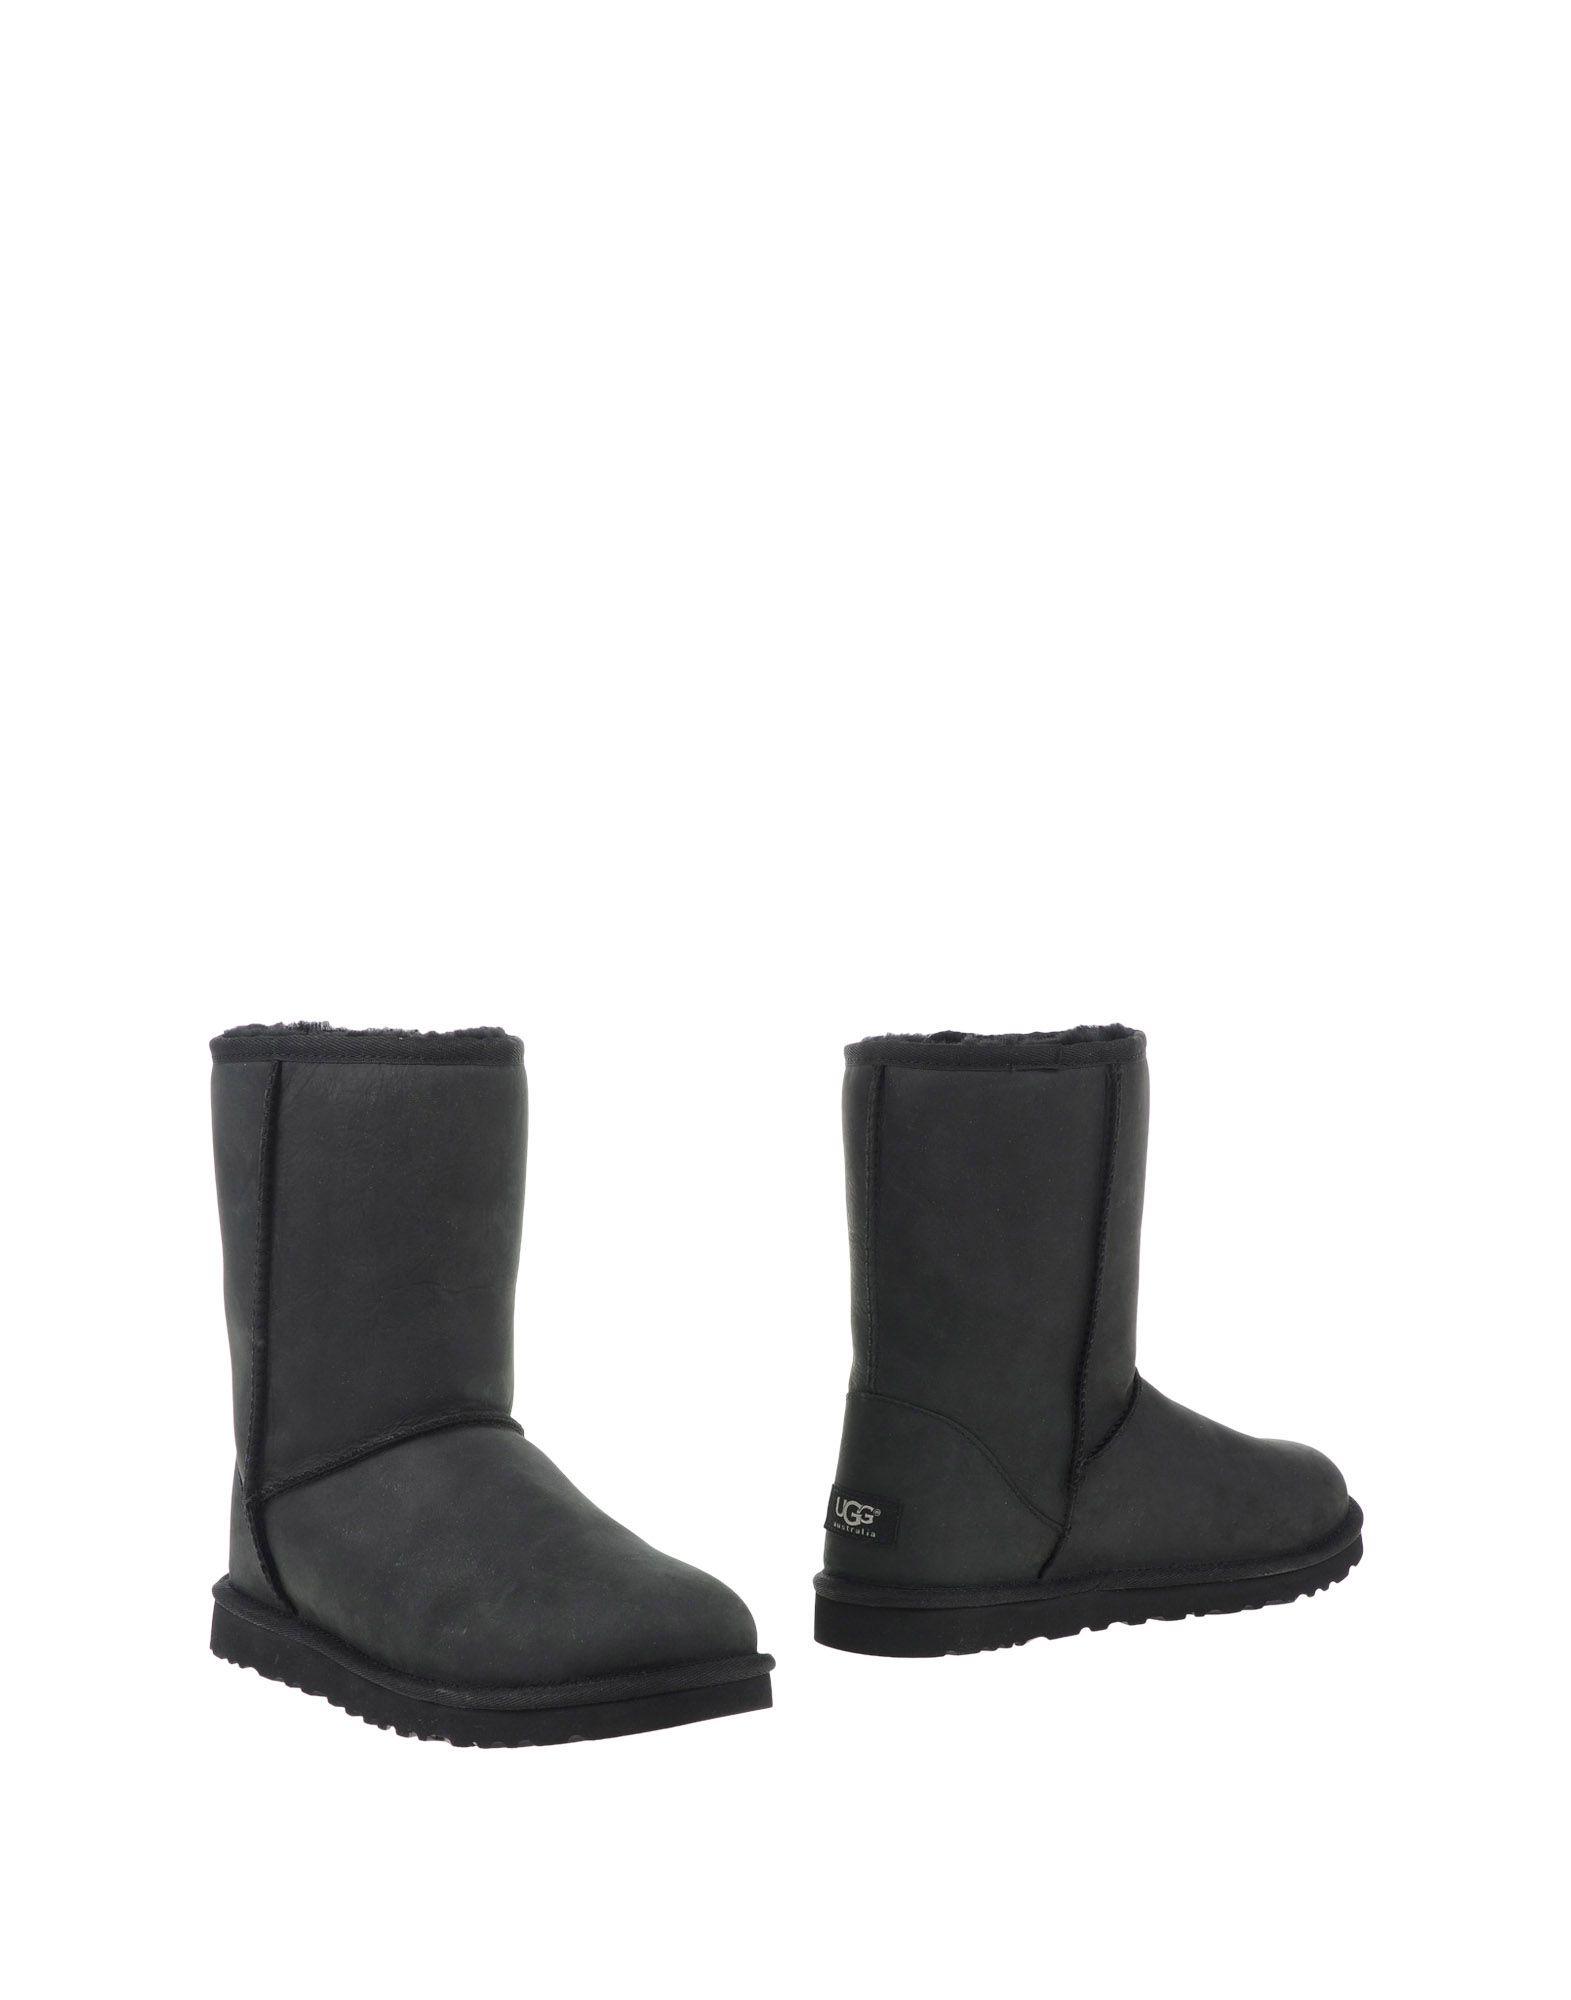 купить UGG AUSTRALIA Полусапоги и высокие ботинки по цене 10250 рублей